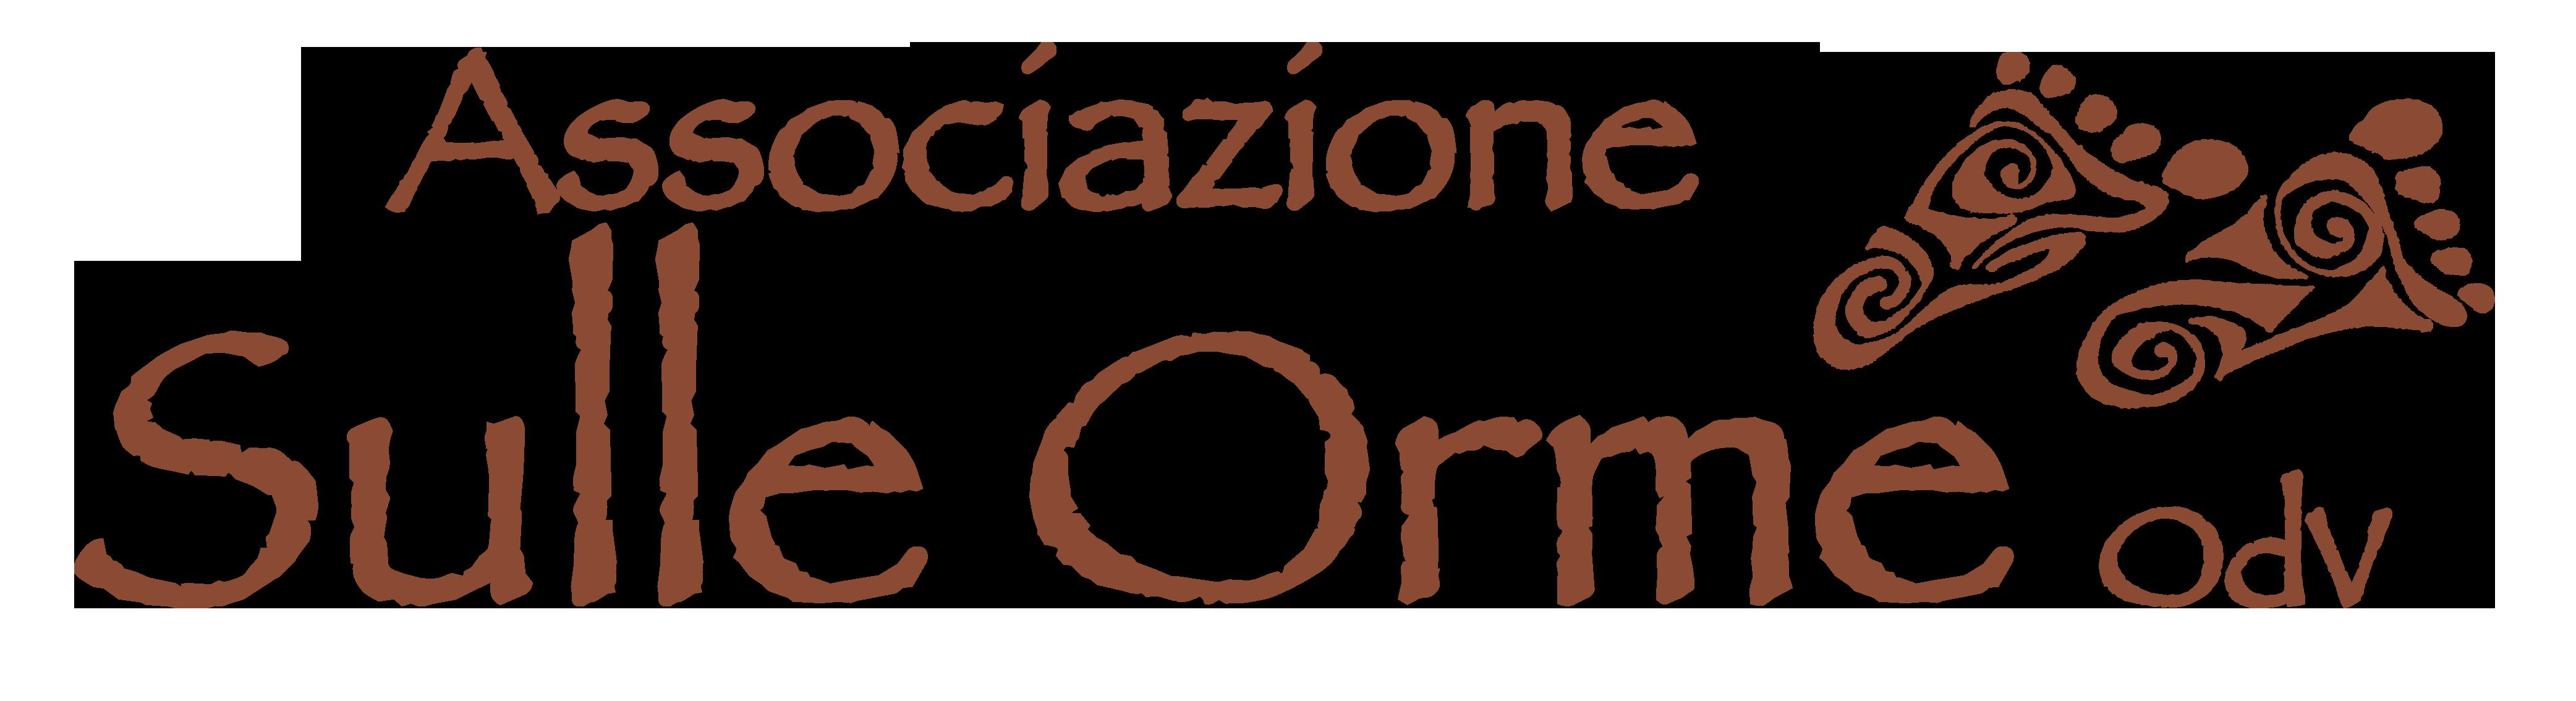 Associazione Sulle Orme OdV